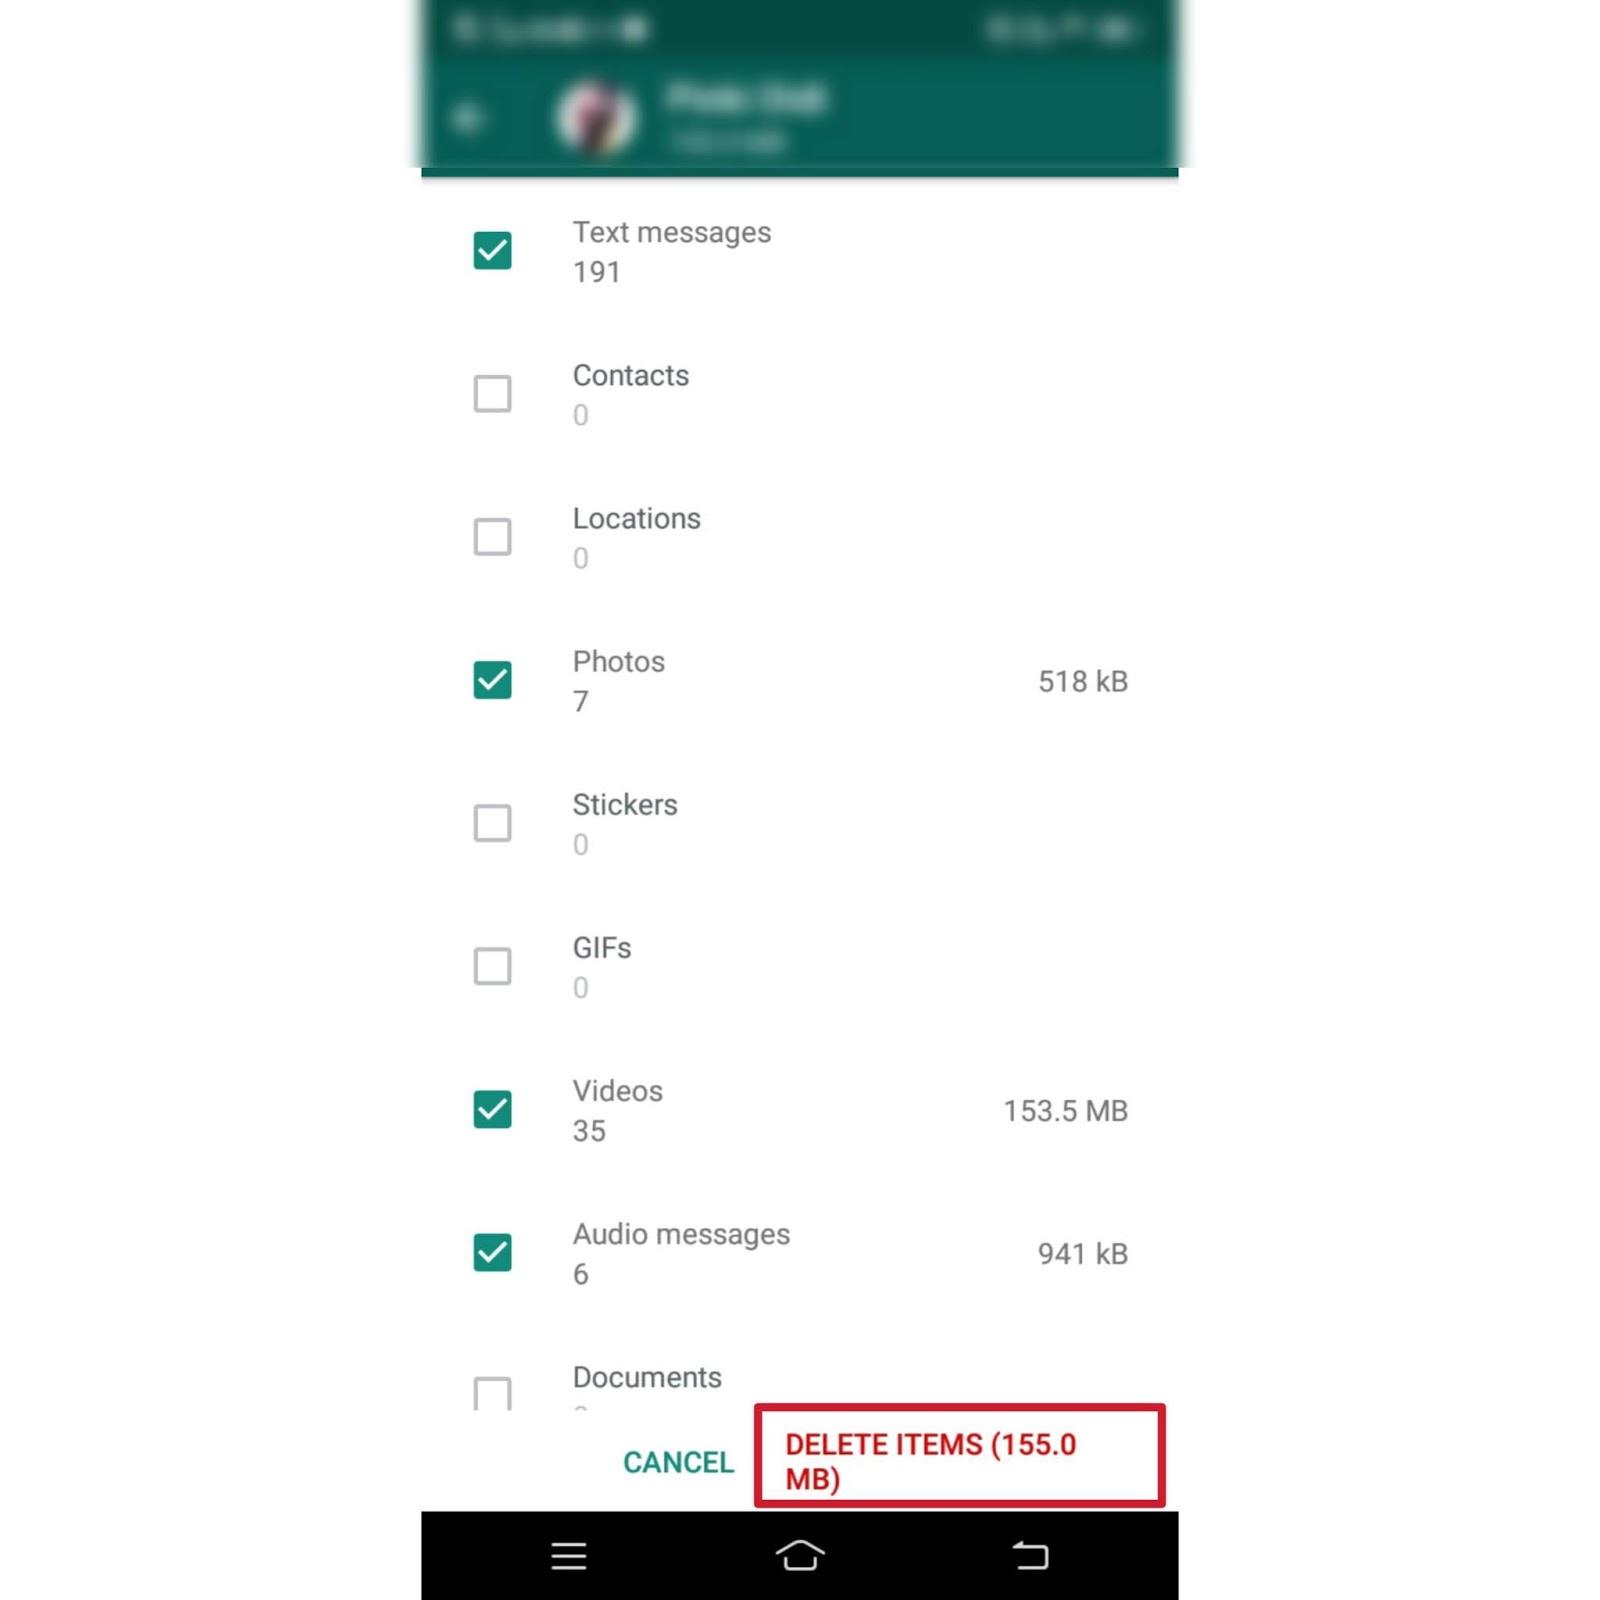 WhatsApp पर किसके साथ करते हैं सबसे ज्यादा चैटिंग, इस आसान ट्रिक से जानें